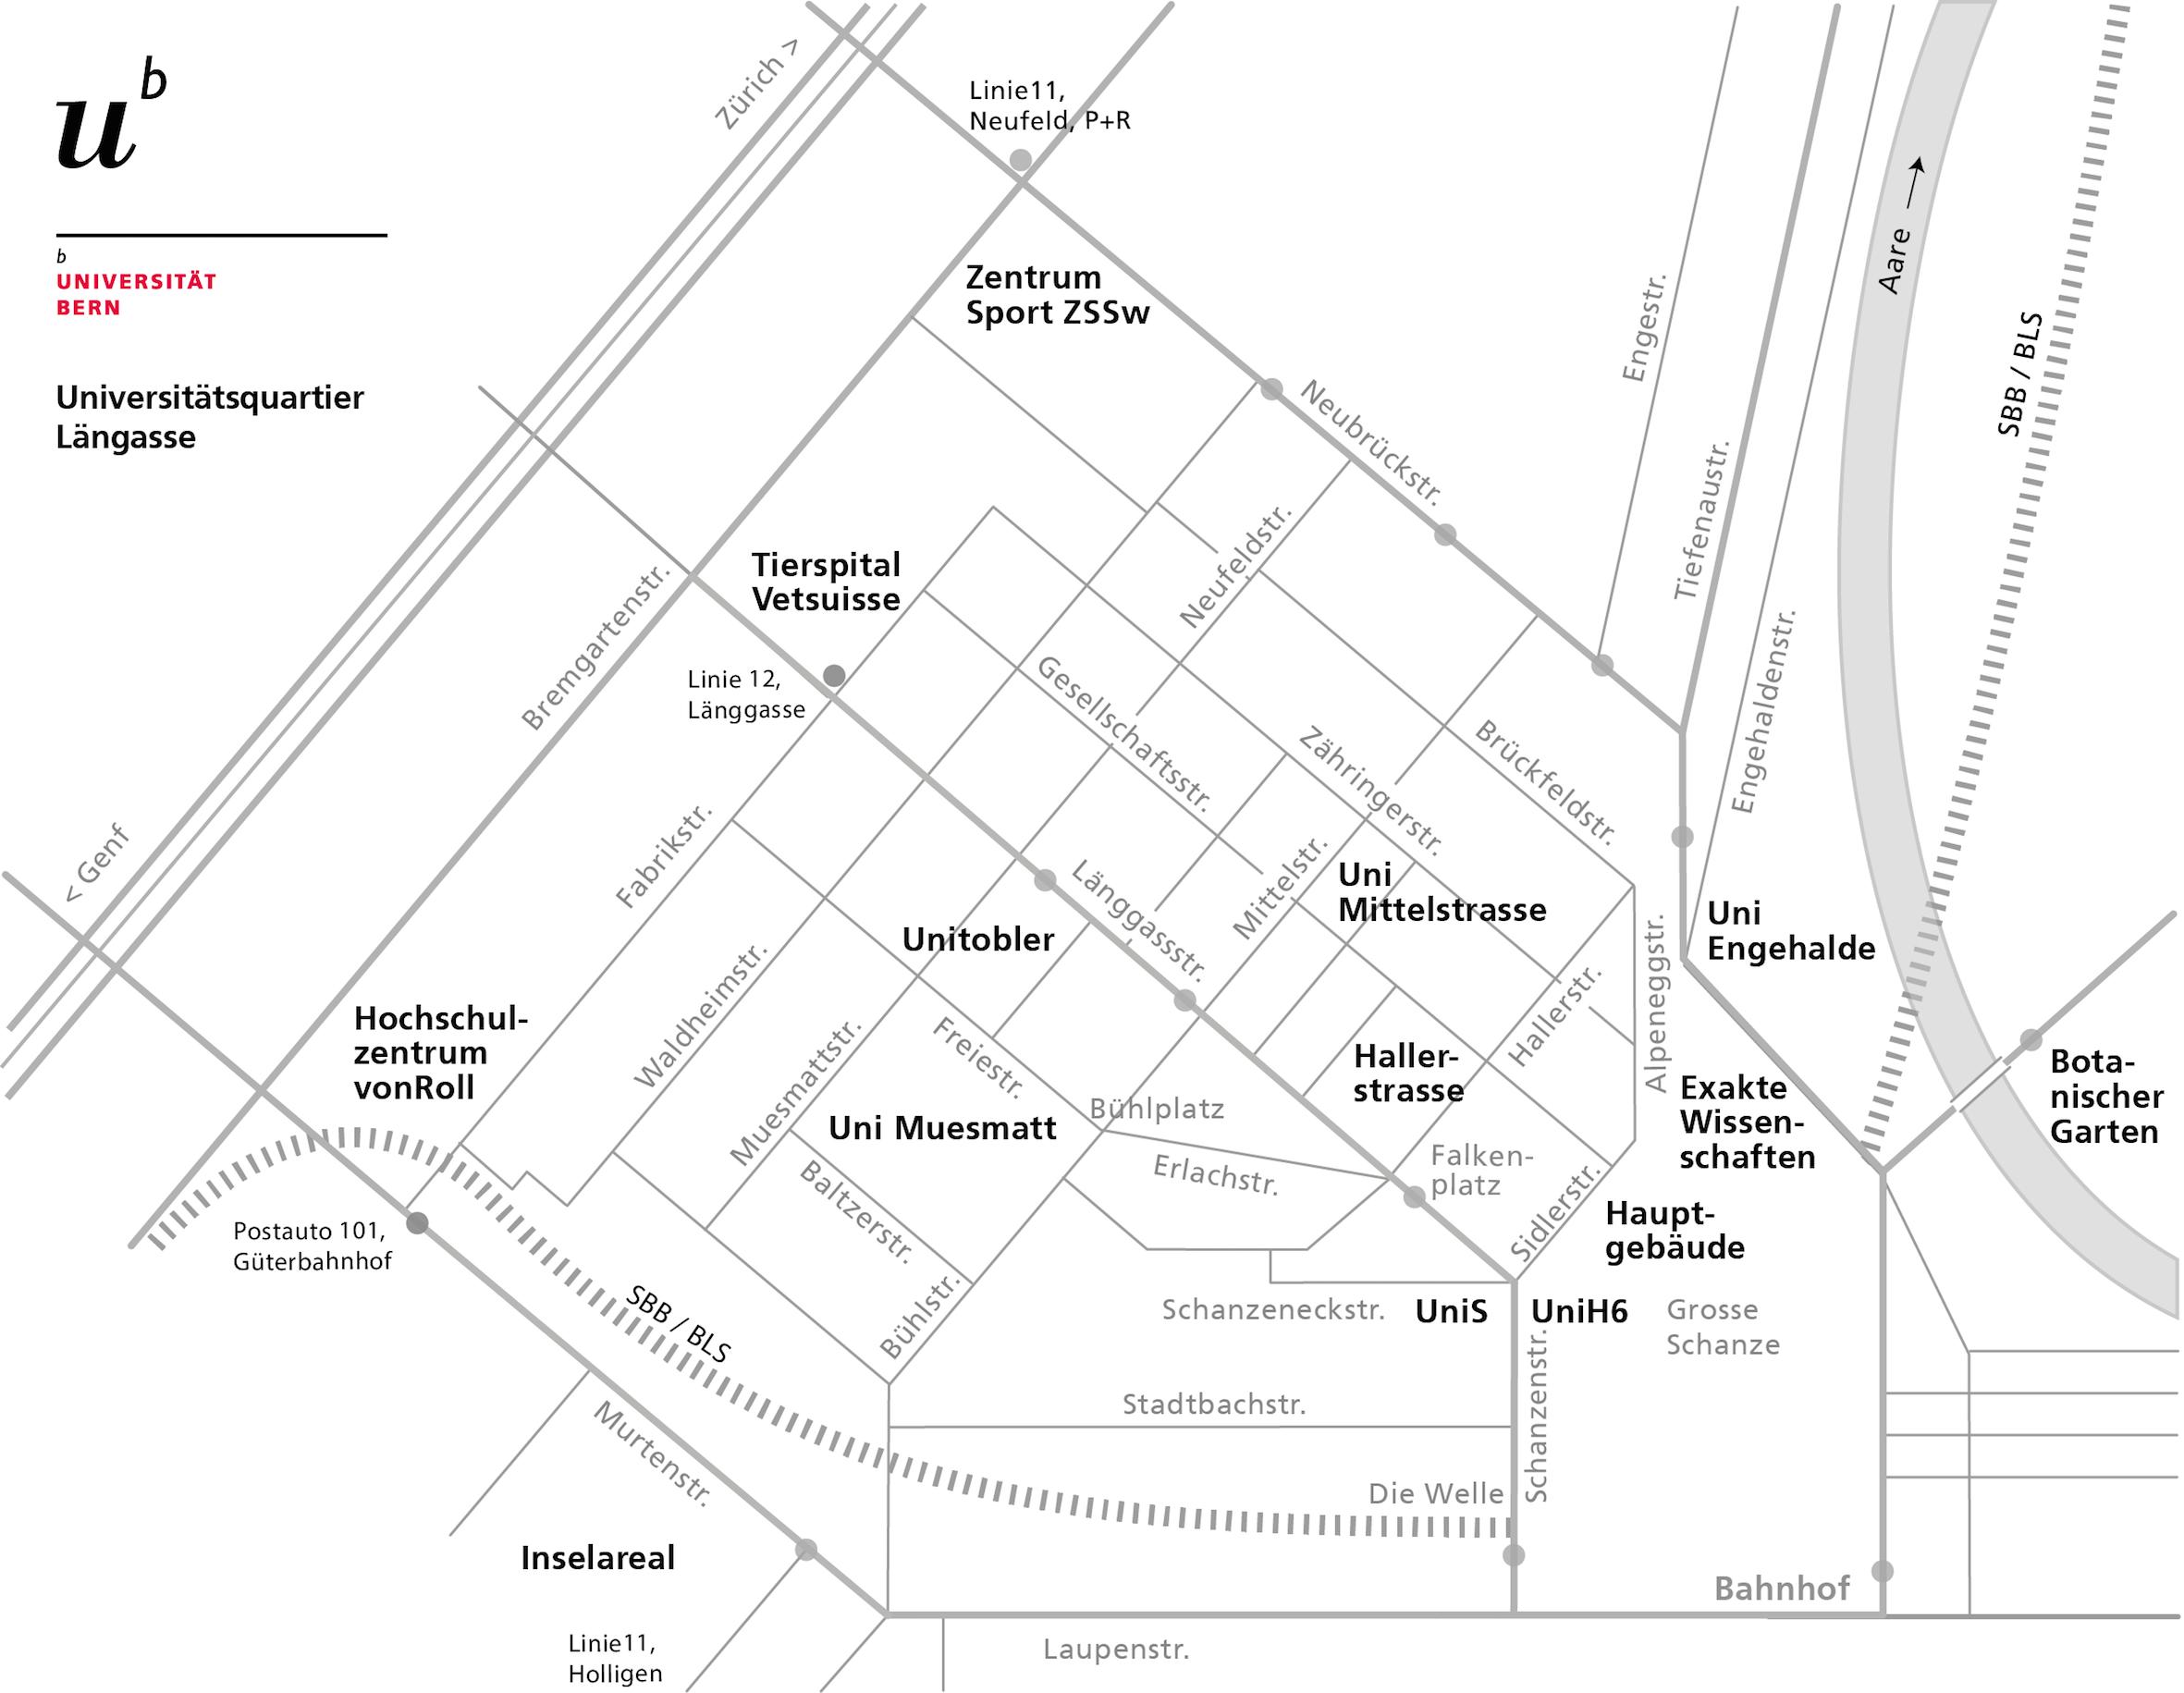 Stadtplan schematisch - Universität Bern